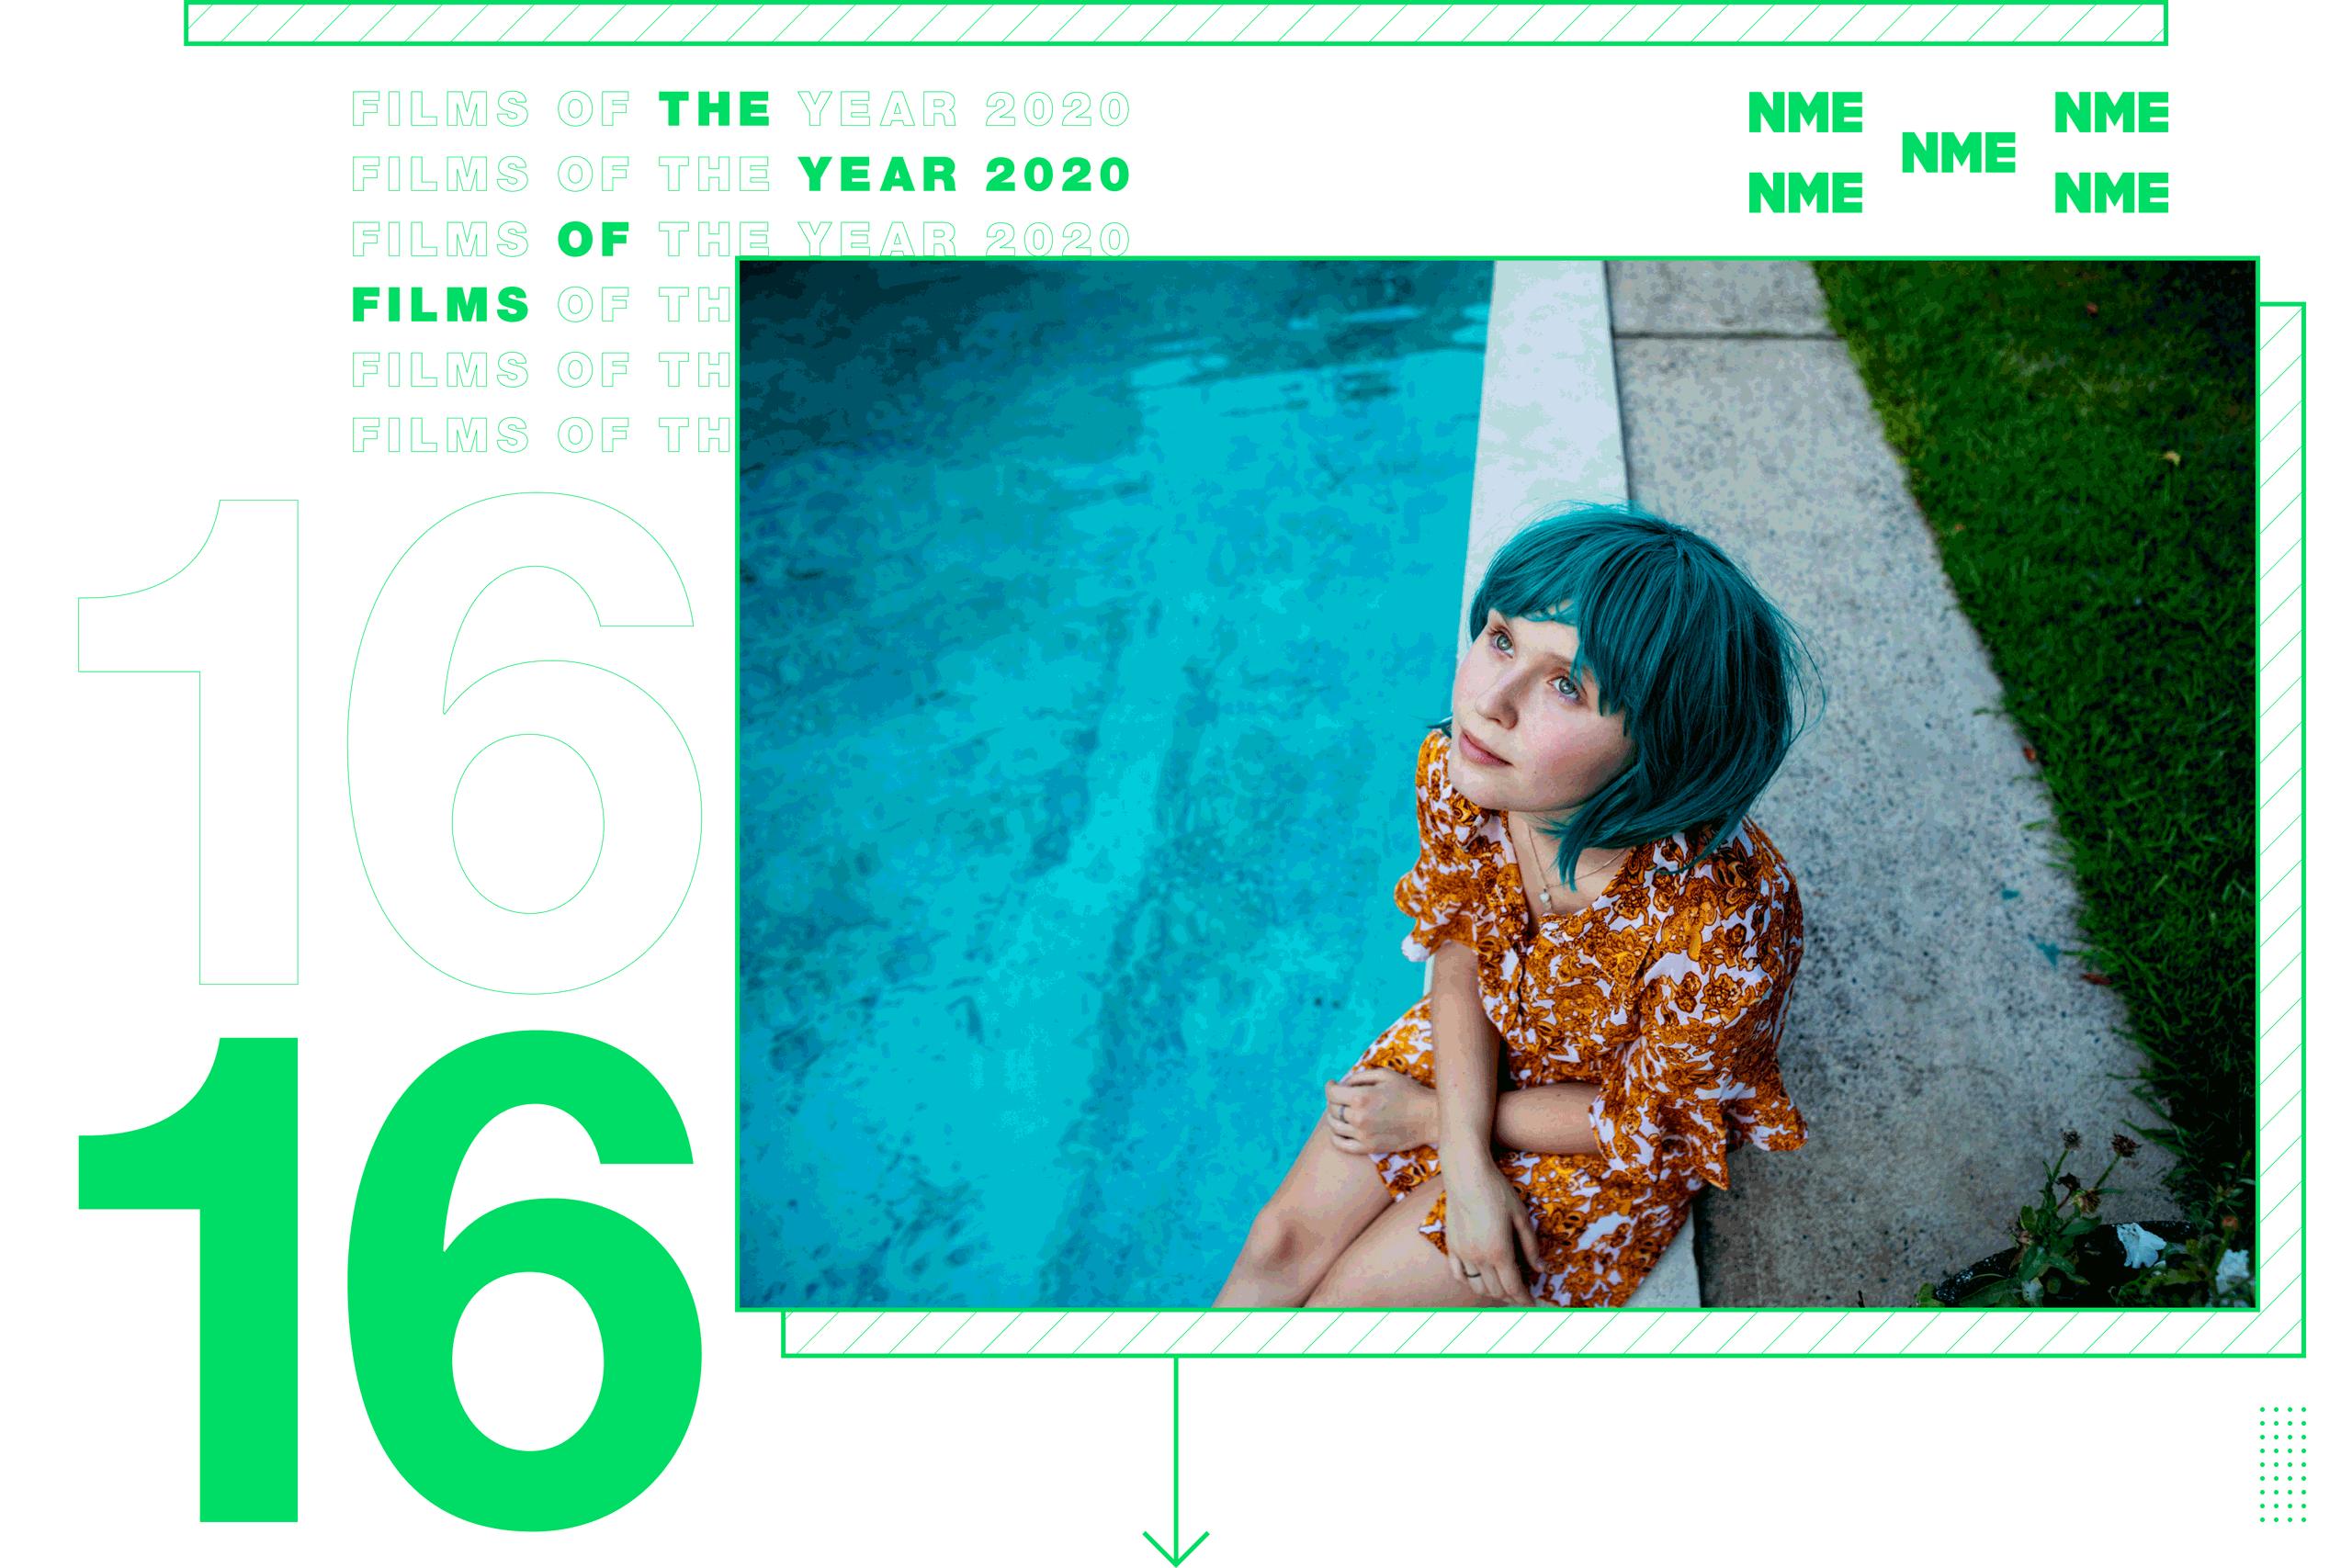 NME Global Films of the Year Babyteeth